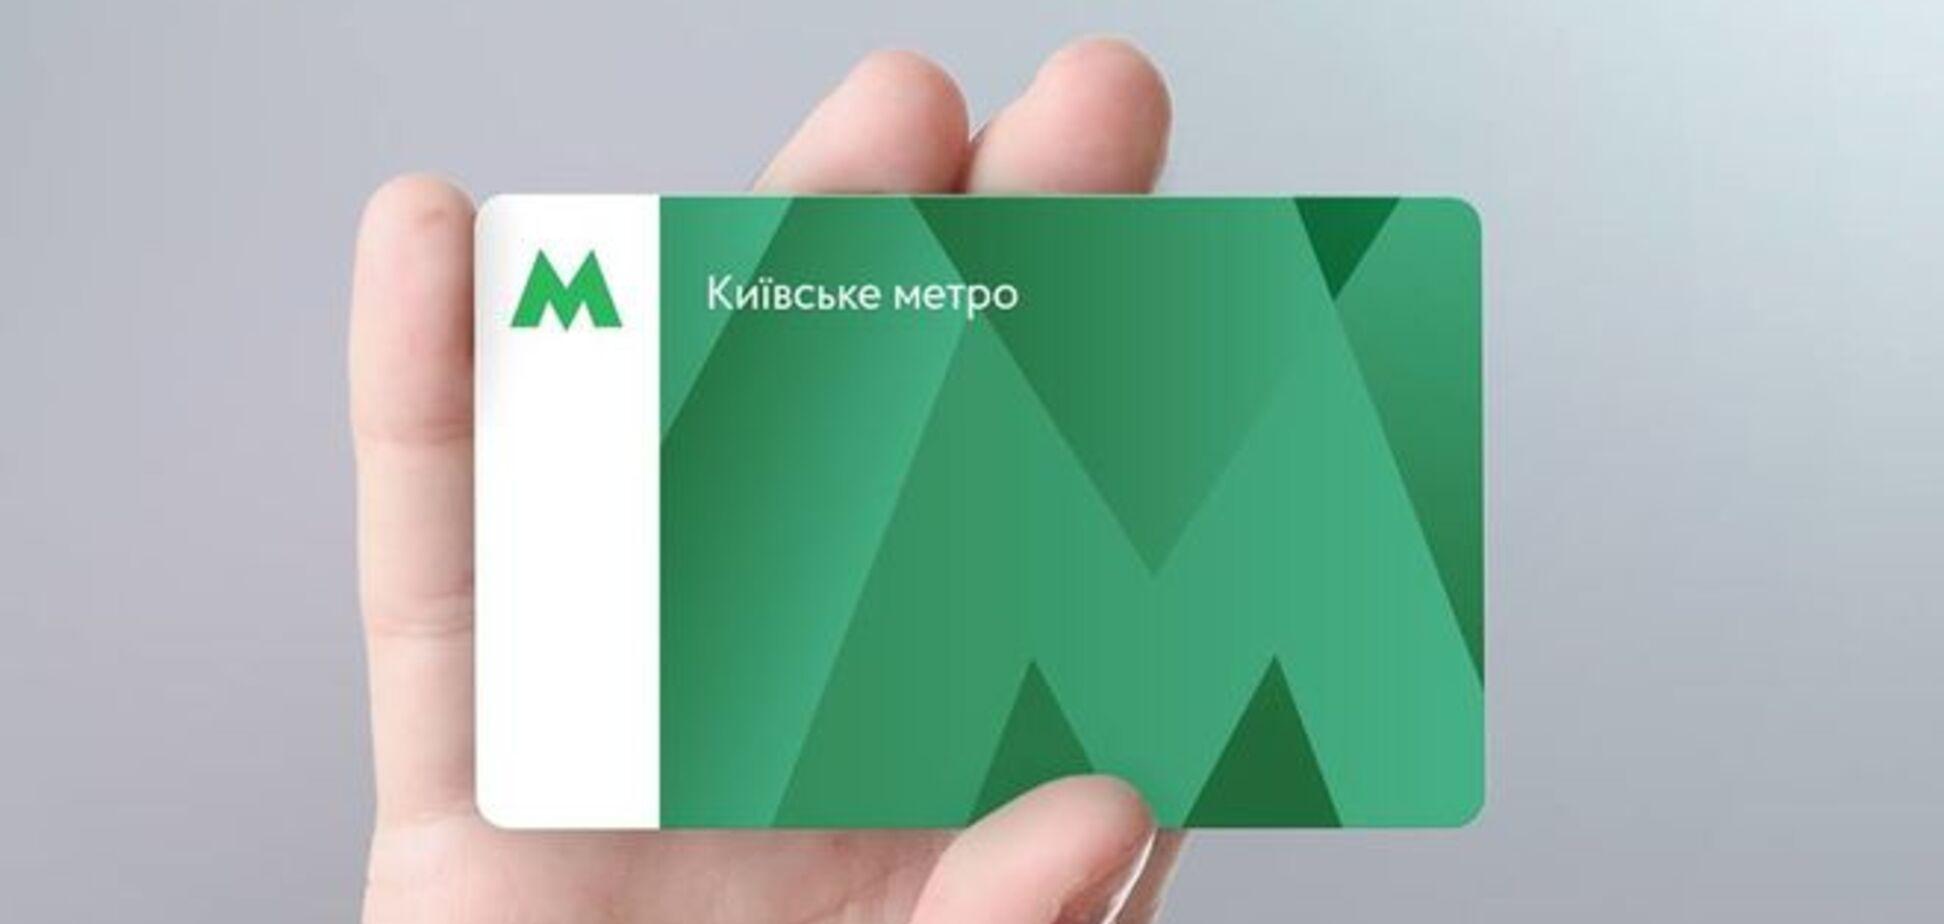 'Продам жетон и карточку': в Киеве активизировались скупщики проездных в метро